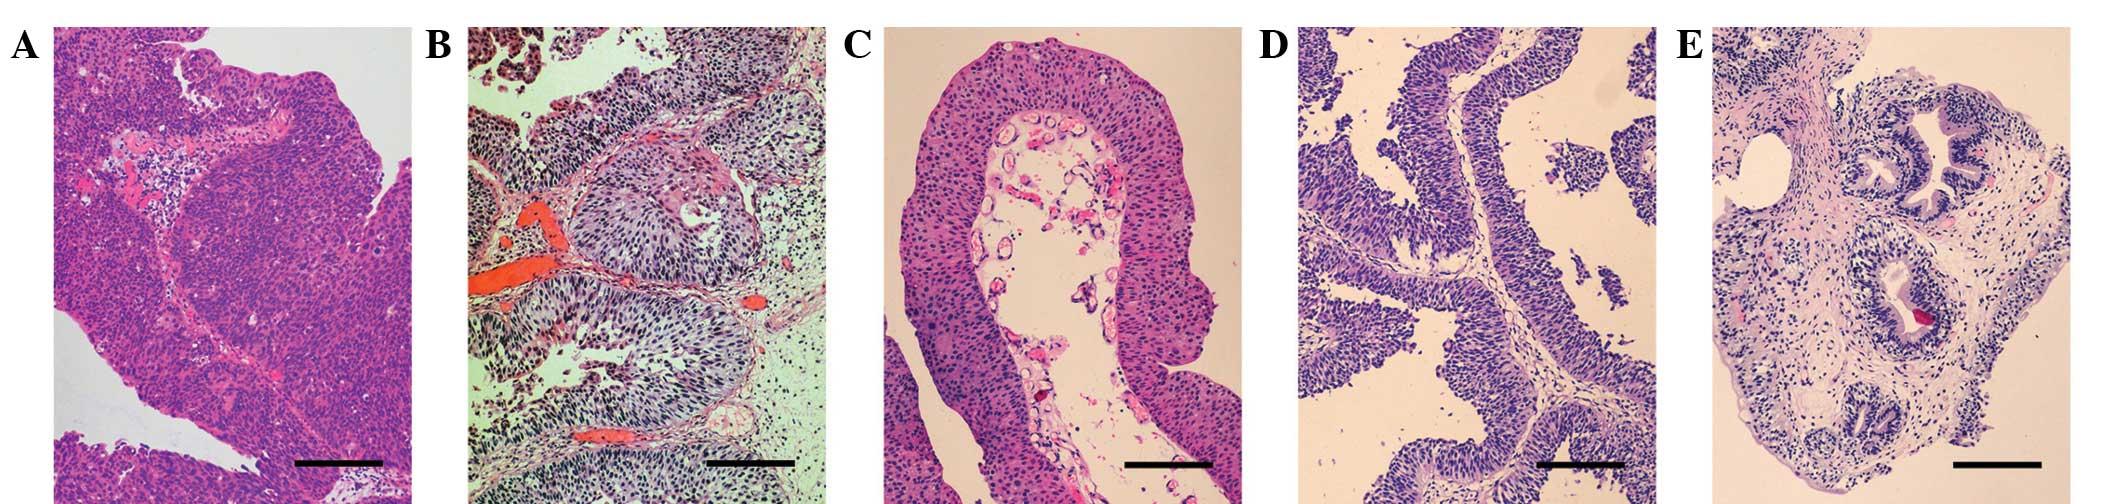 scurtă panglică scurtă descriere viermi în medicația unui copil